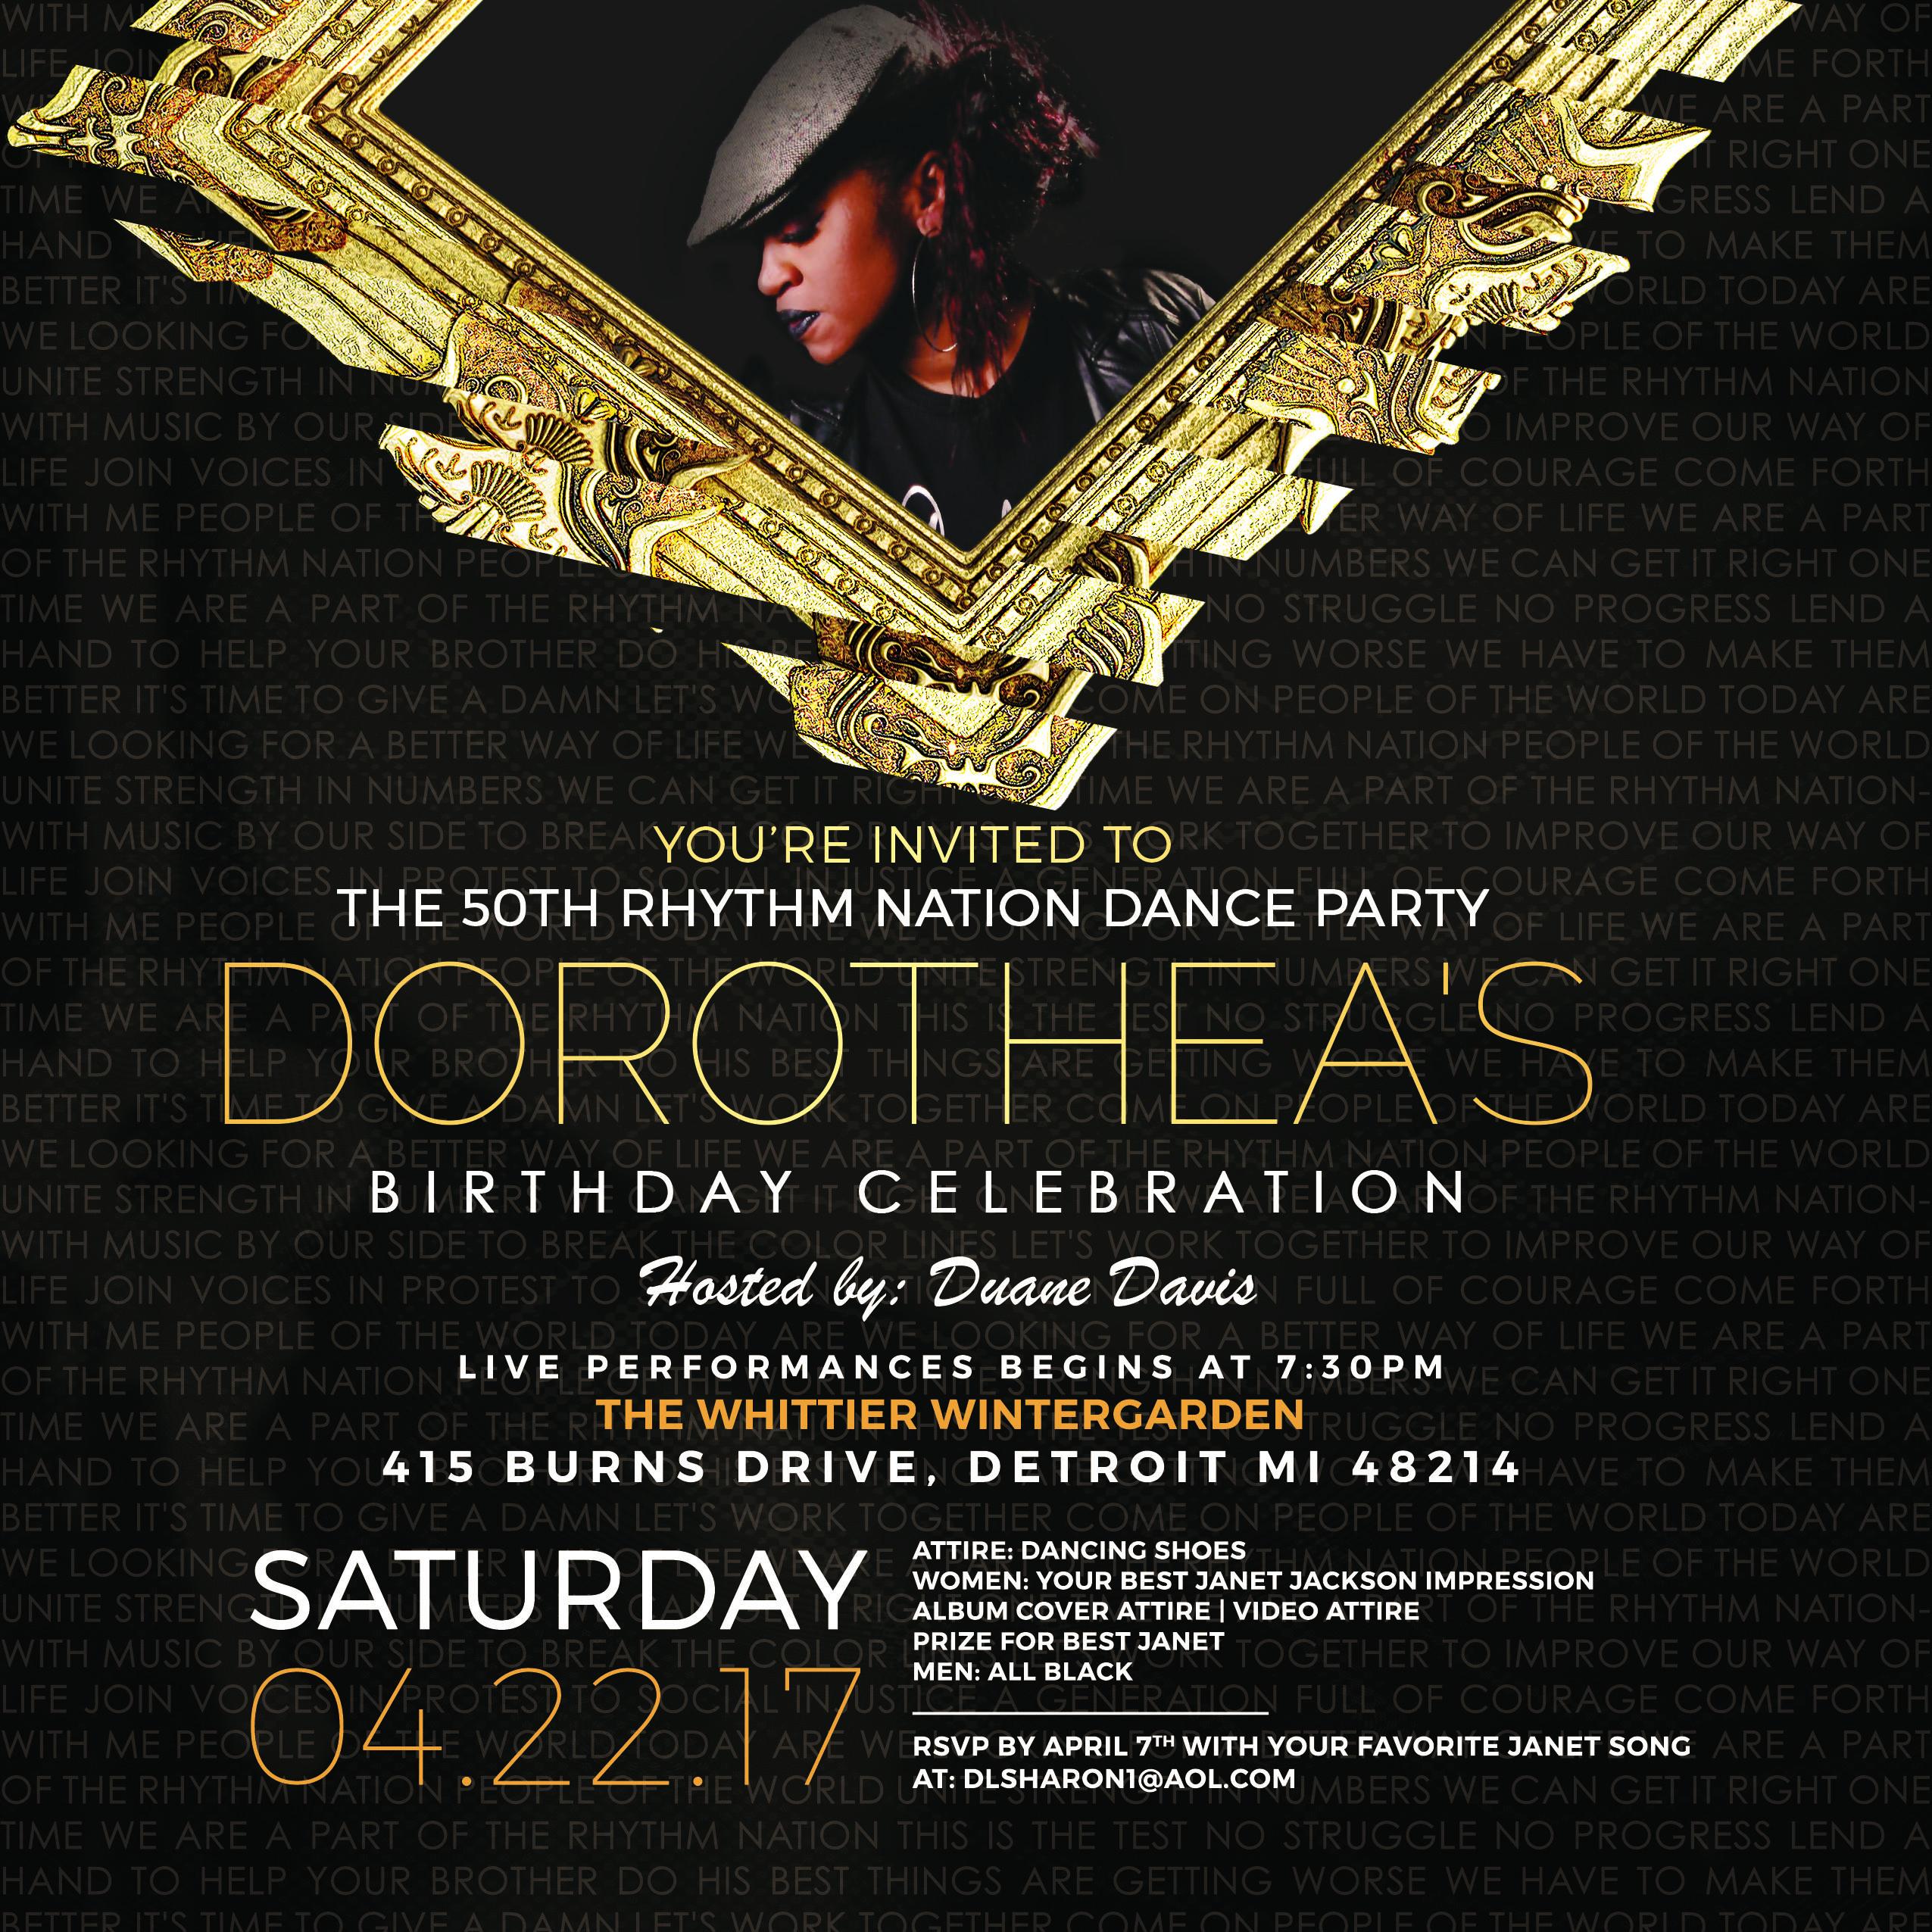 DS50 Birthday Celebration